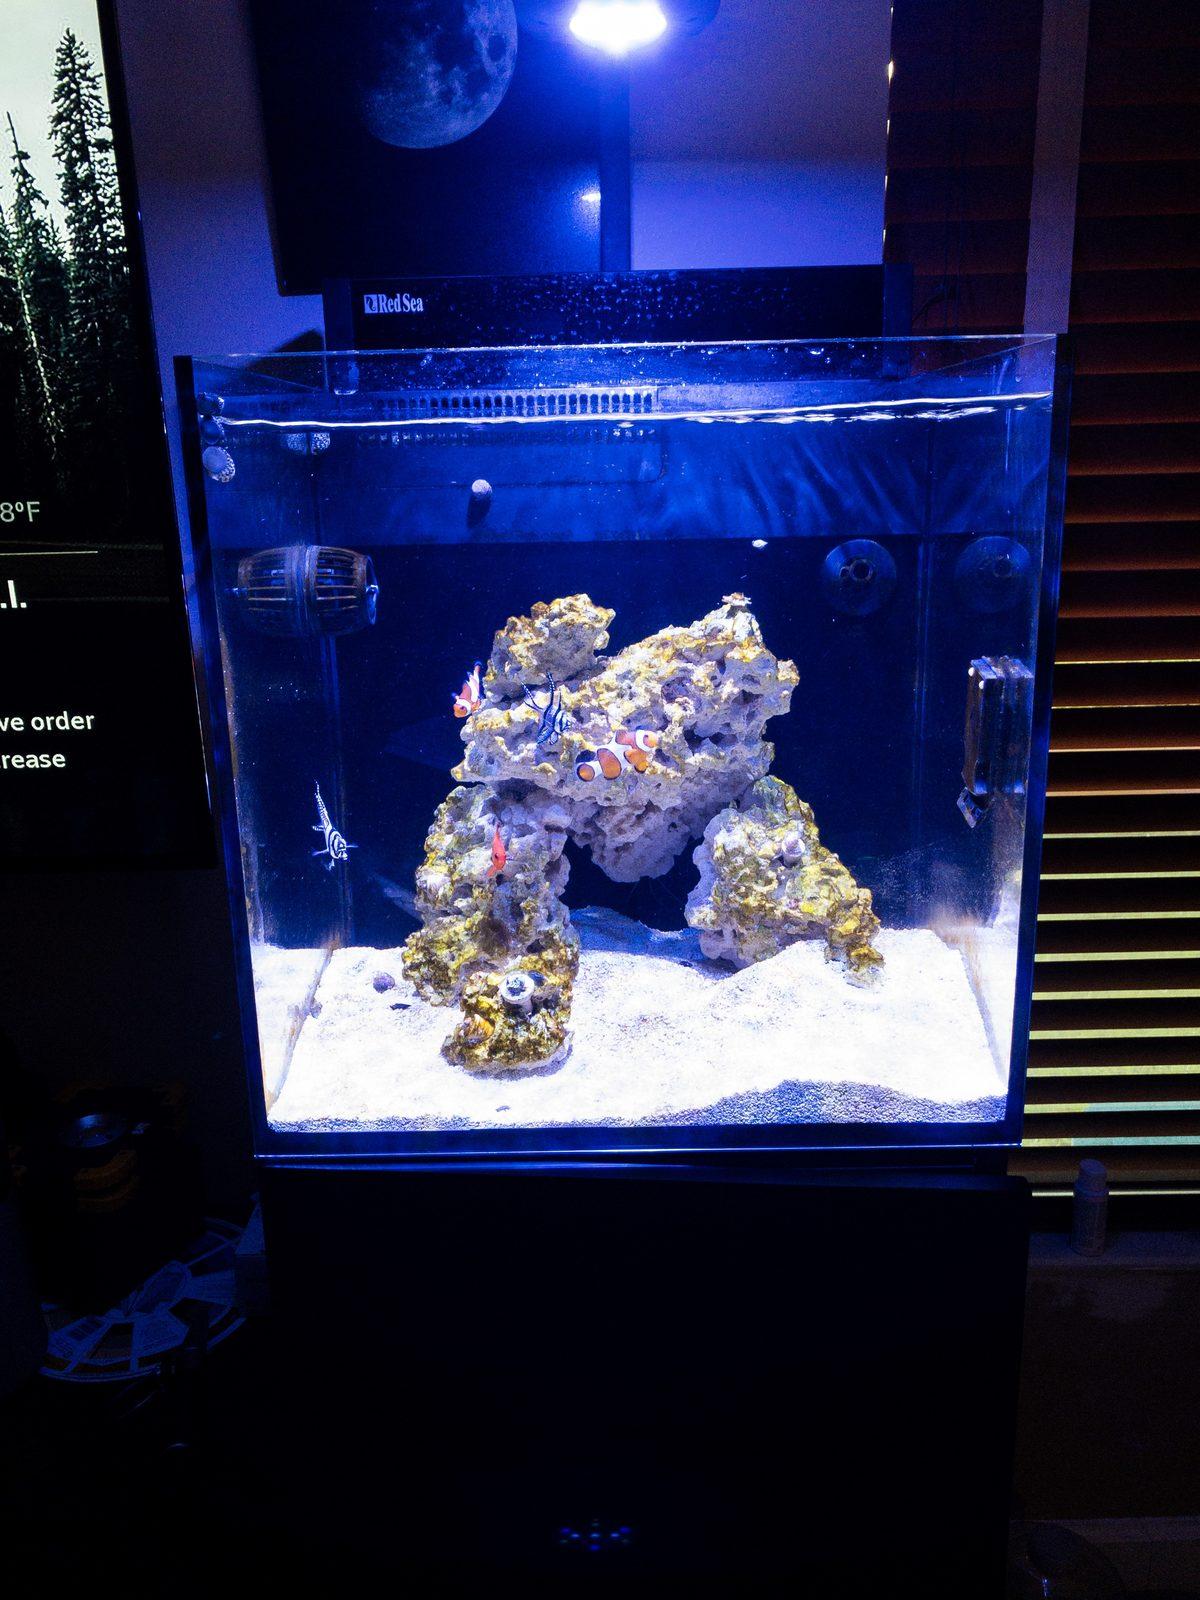 Red Sea Max Nano Aquascape Aquascaping Forum Nano Reef Com Community